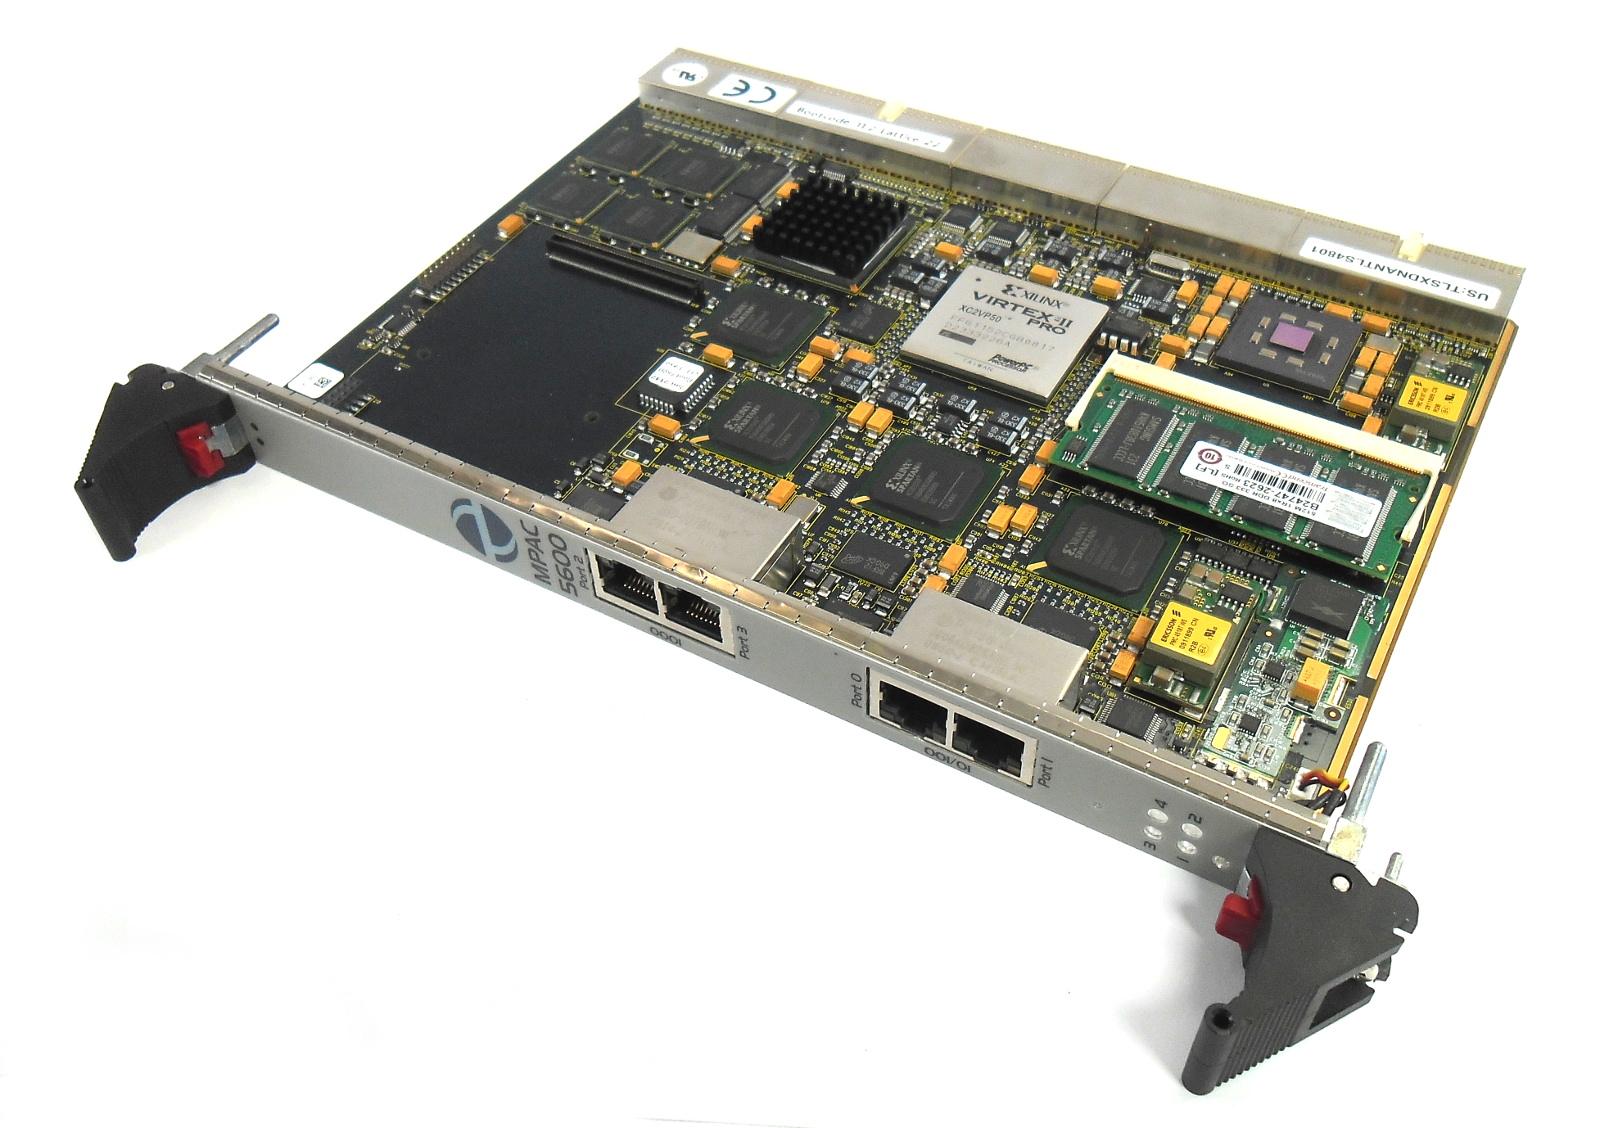 Telesoft 1000LF246 8.0 MPAC 5600 STM-1 cPCI SDH Access Blade